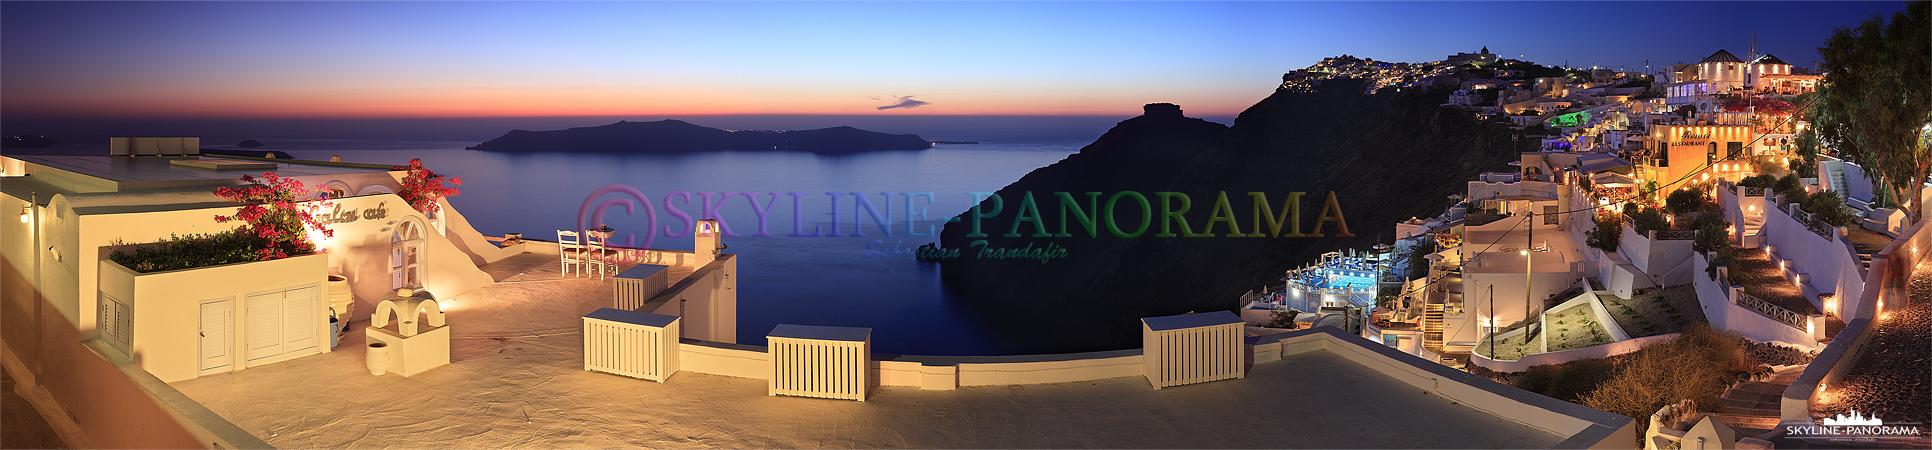 Ausblick von Firostefani auf die Caldera von Santorini kurz nach dem Sonnenuntergang, im Vordergrund ist die bekannte Terrasse des Galini Cafes zu sehen.